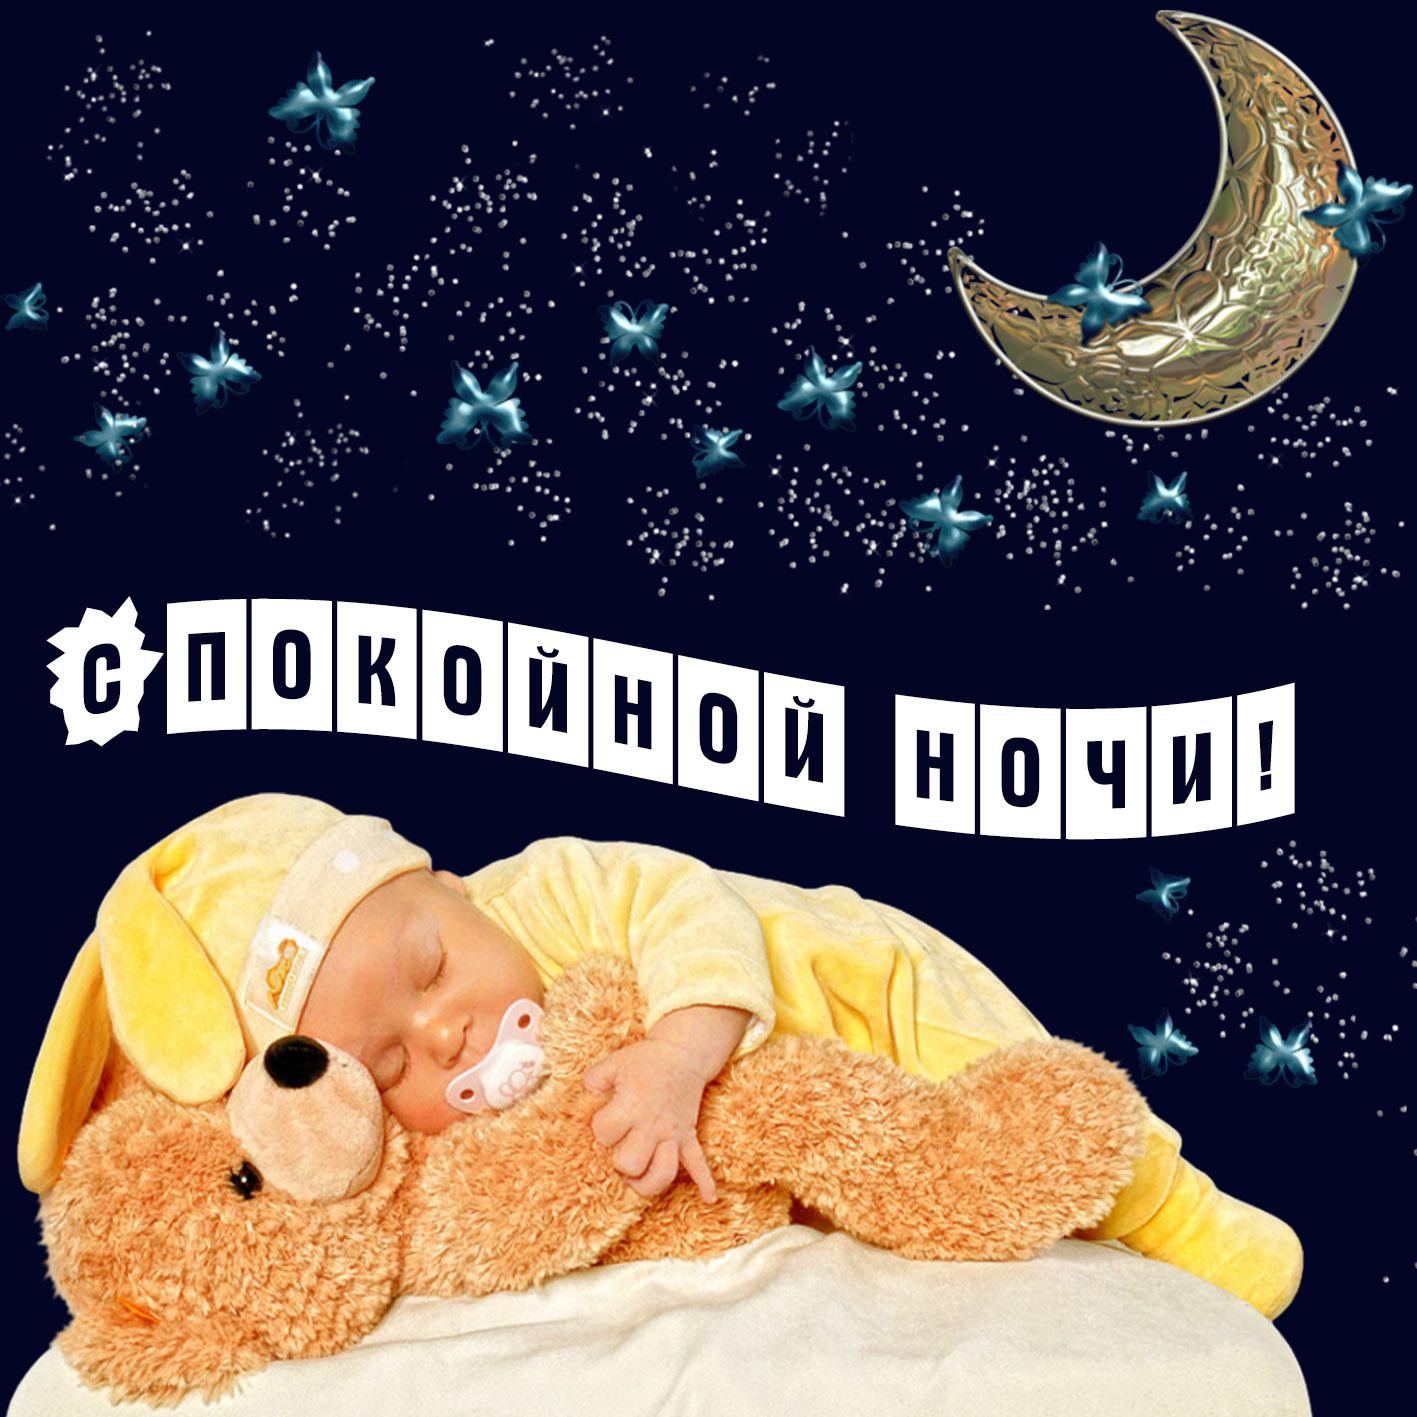 Спокойной ночи картинки дети